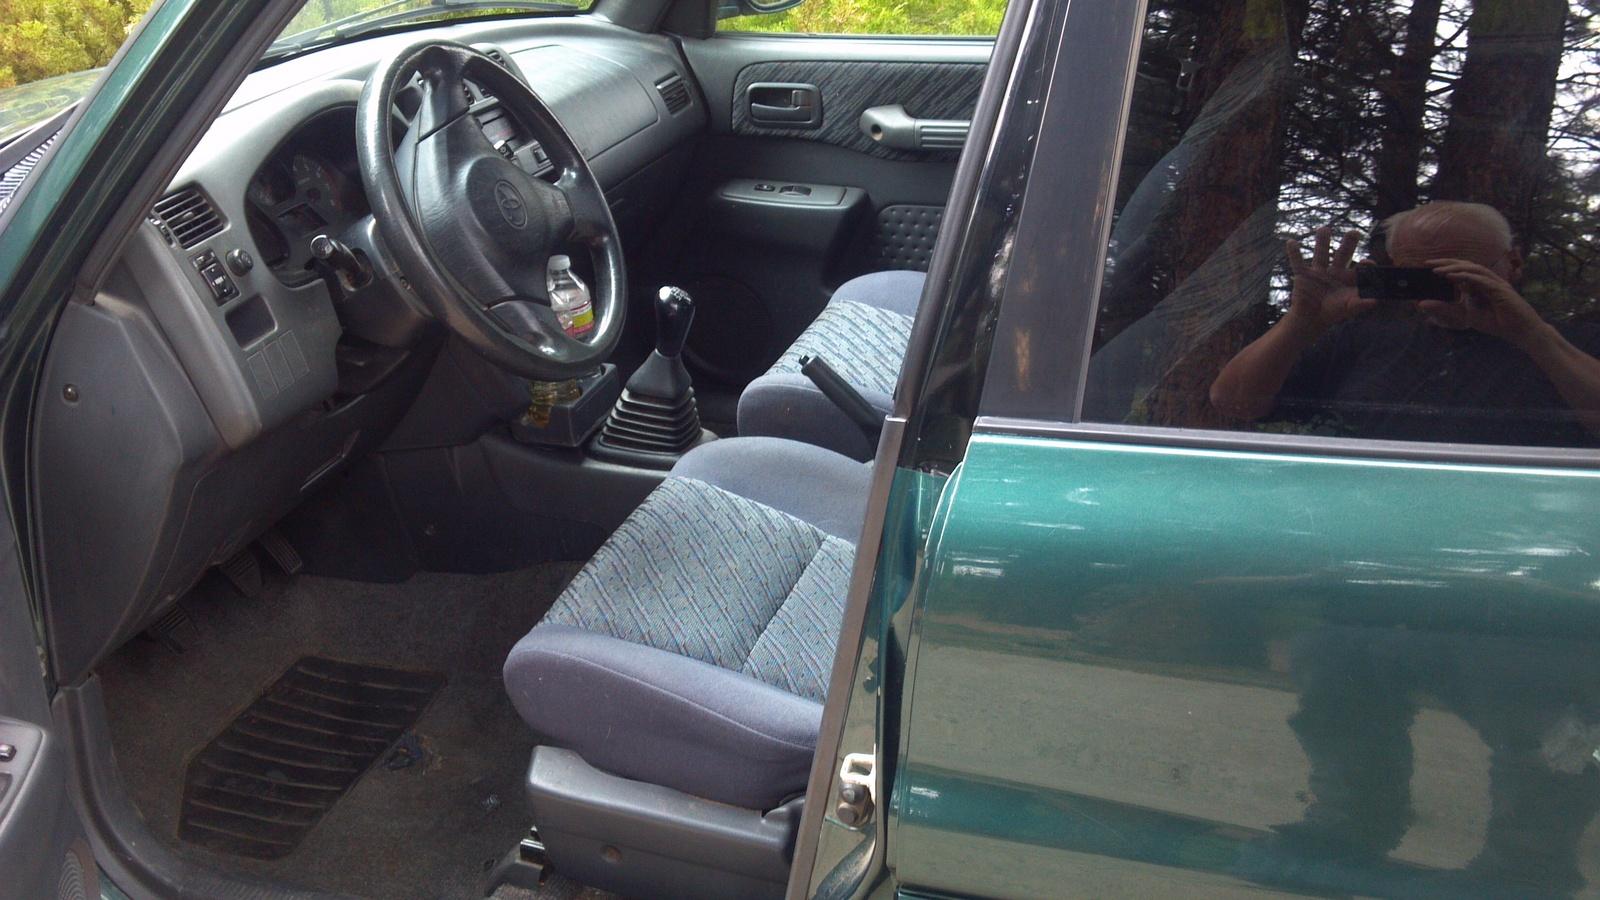 2014 Toyota Land Cruiser Prado 2 7 4wd Price | Autos Post